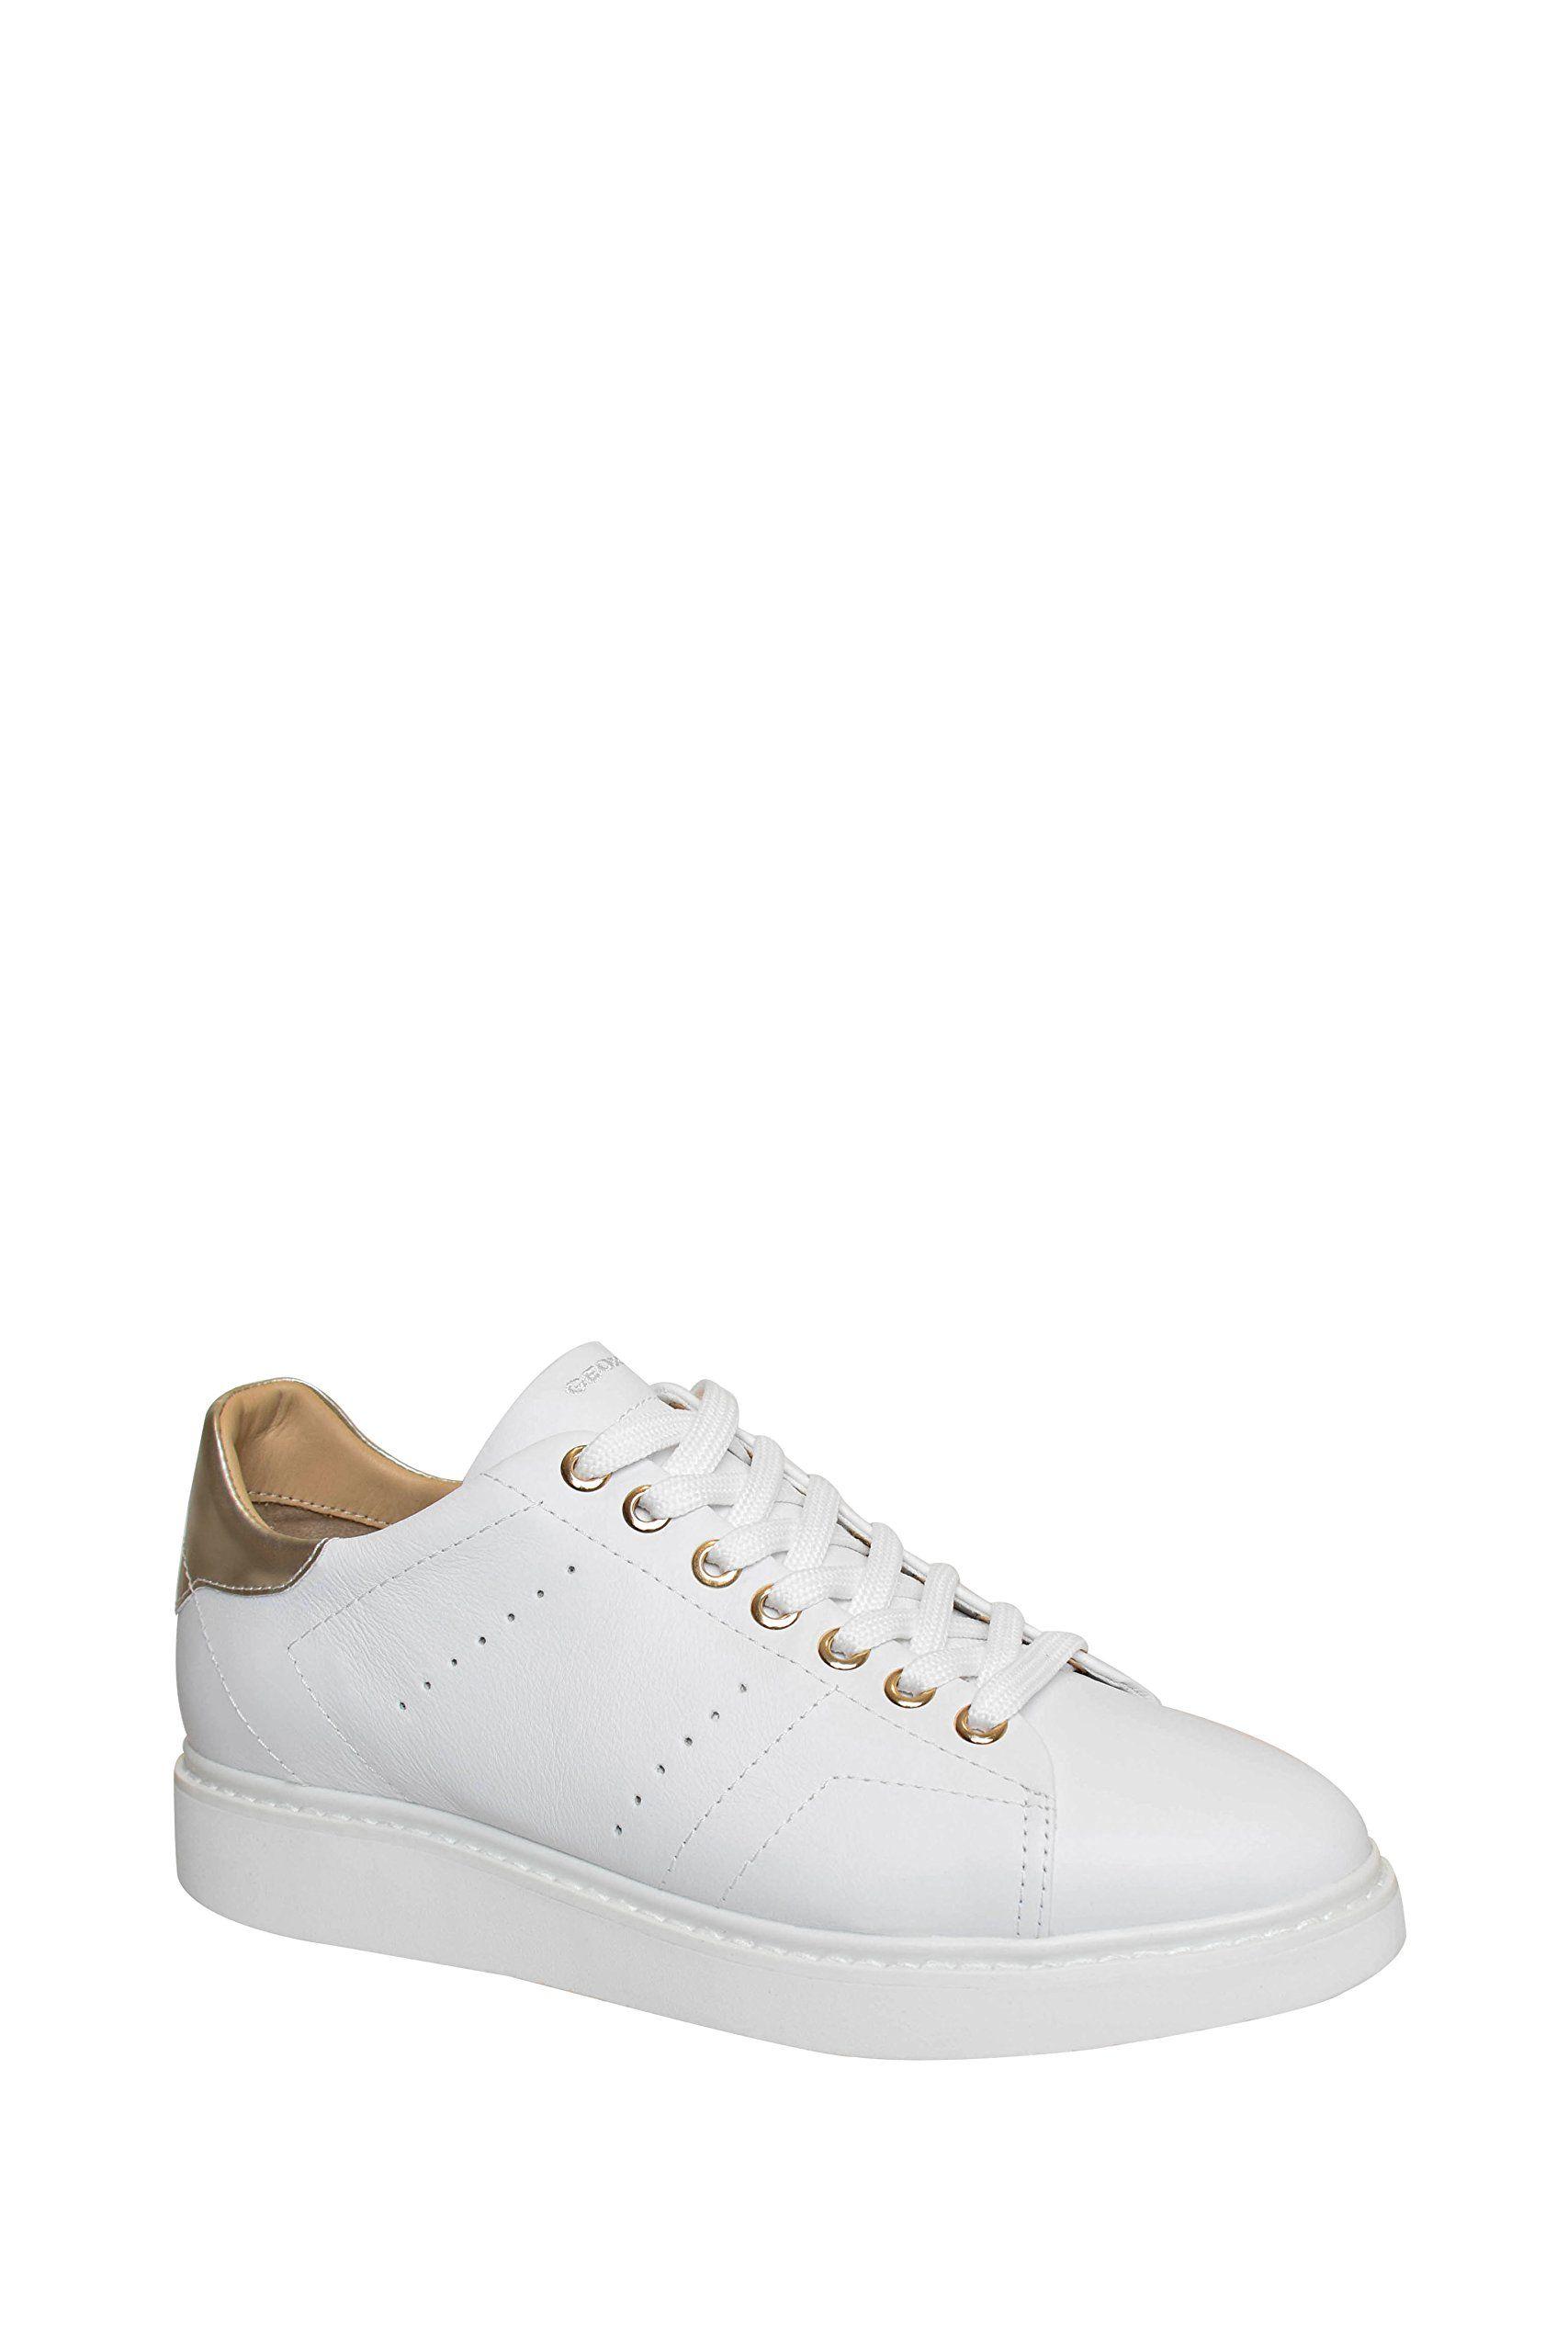 Geox Thymar Low Top Sneaker - White